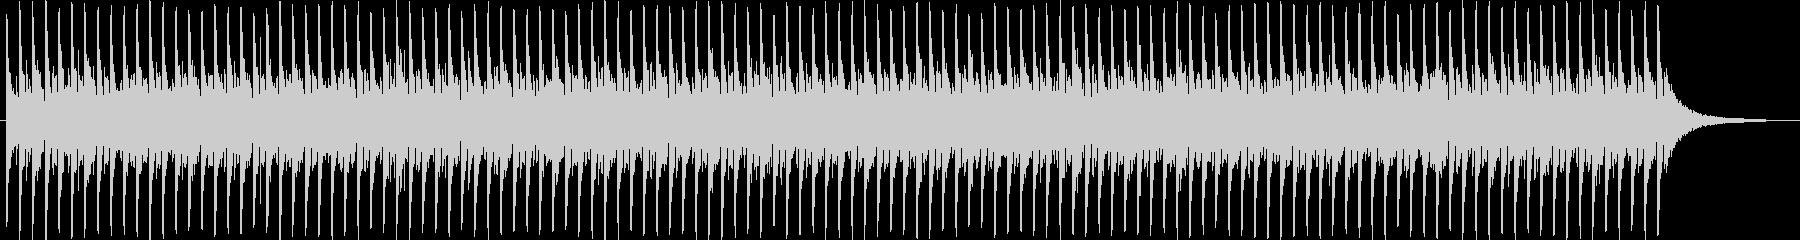 シンセサイザーが印象的なBGM2の未再生の波形